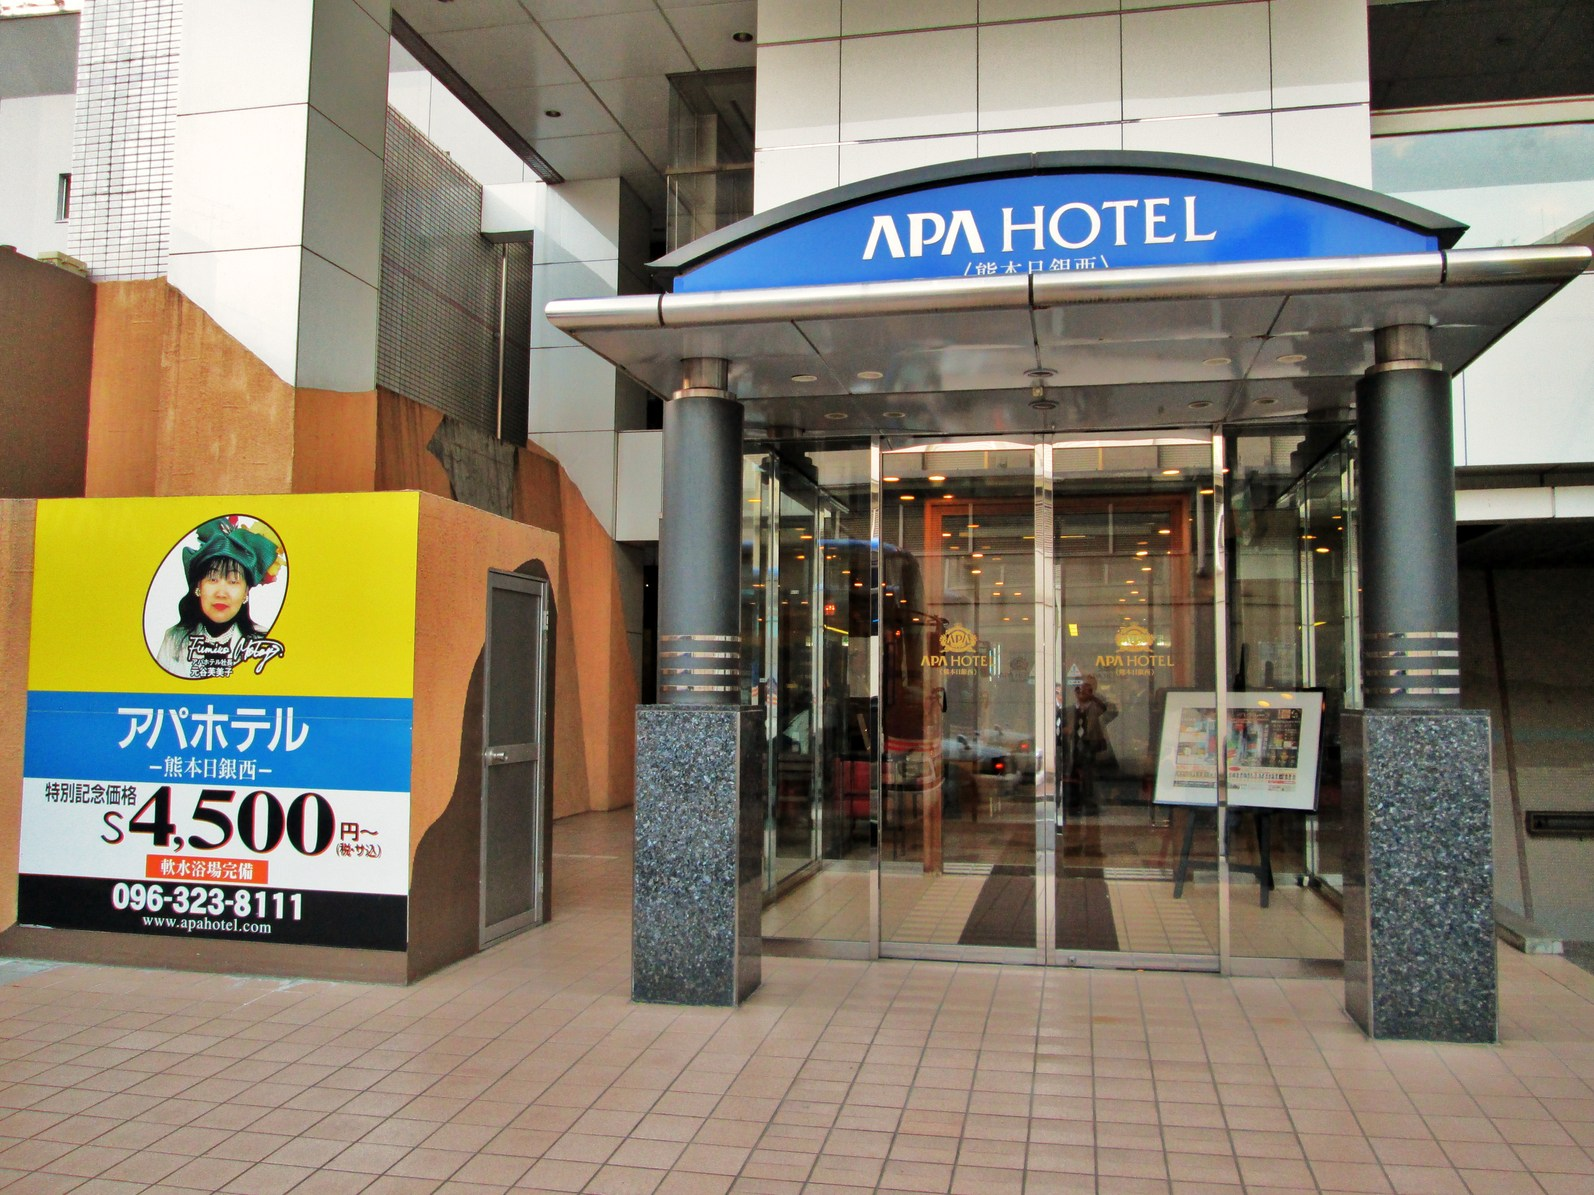 アパホテル 熊本日銀西